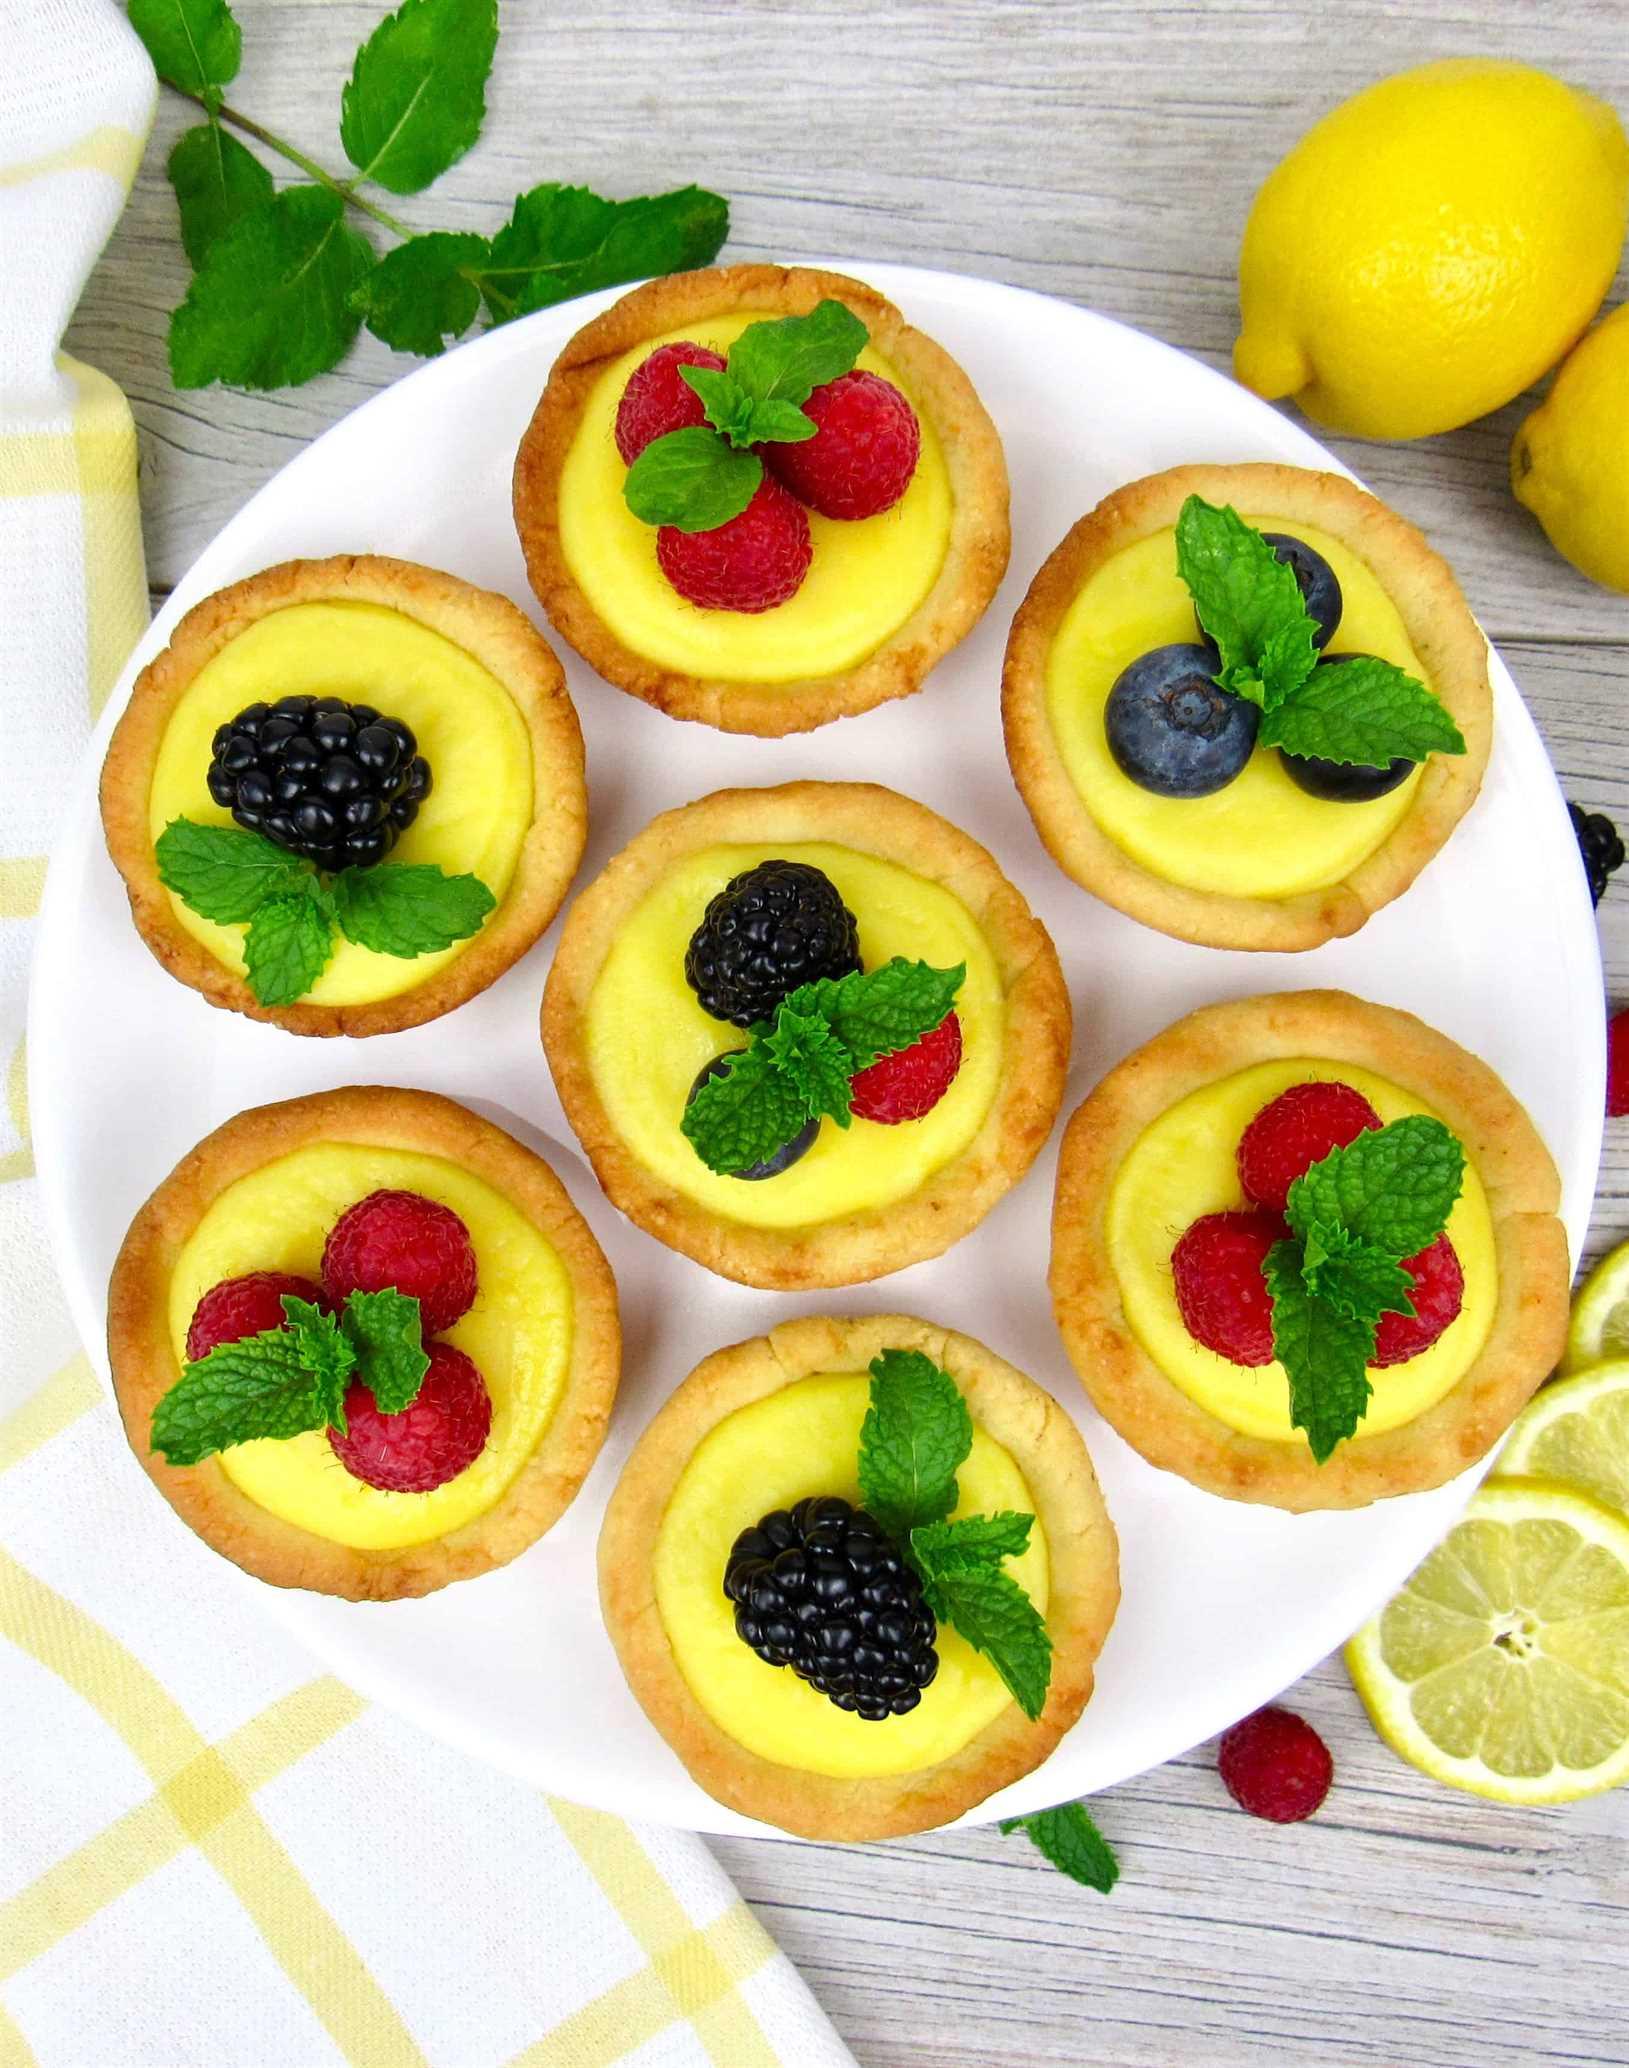 Vista aérea del soporte de pastel con 7 mini tartas de cuajada de limón